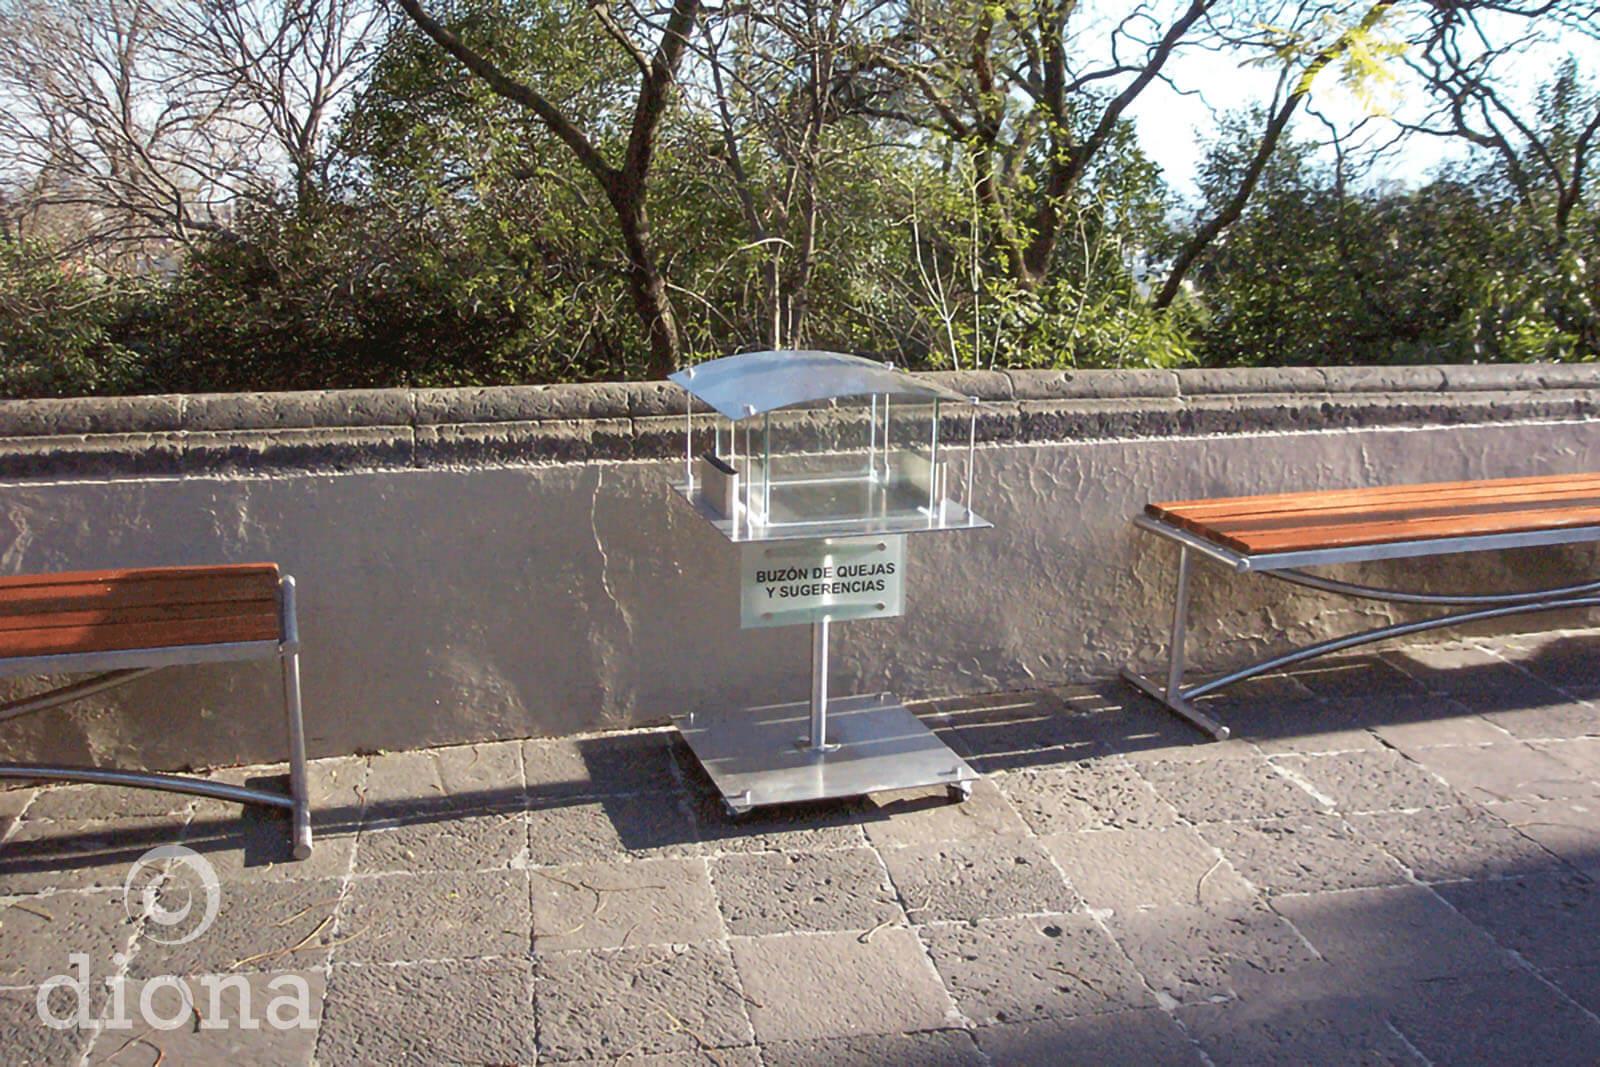 diseño industrial, mobiliario - buzón de sugerencias, Castillo de Chapultepec, diona